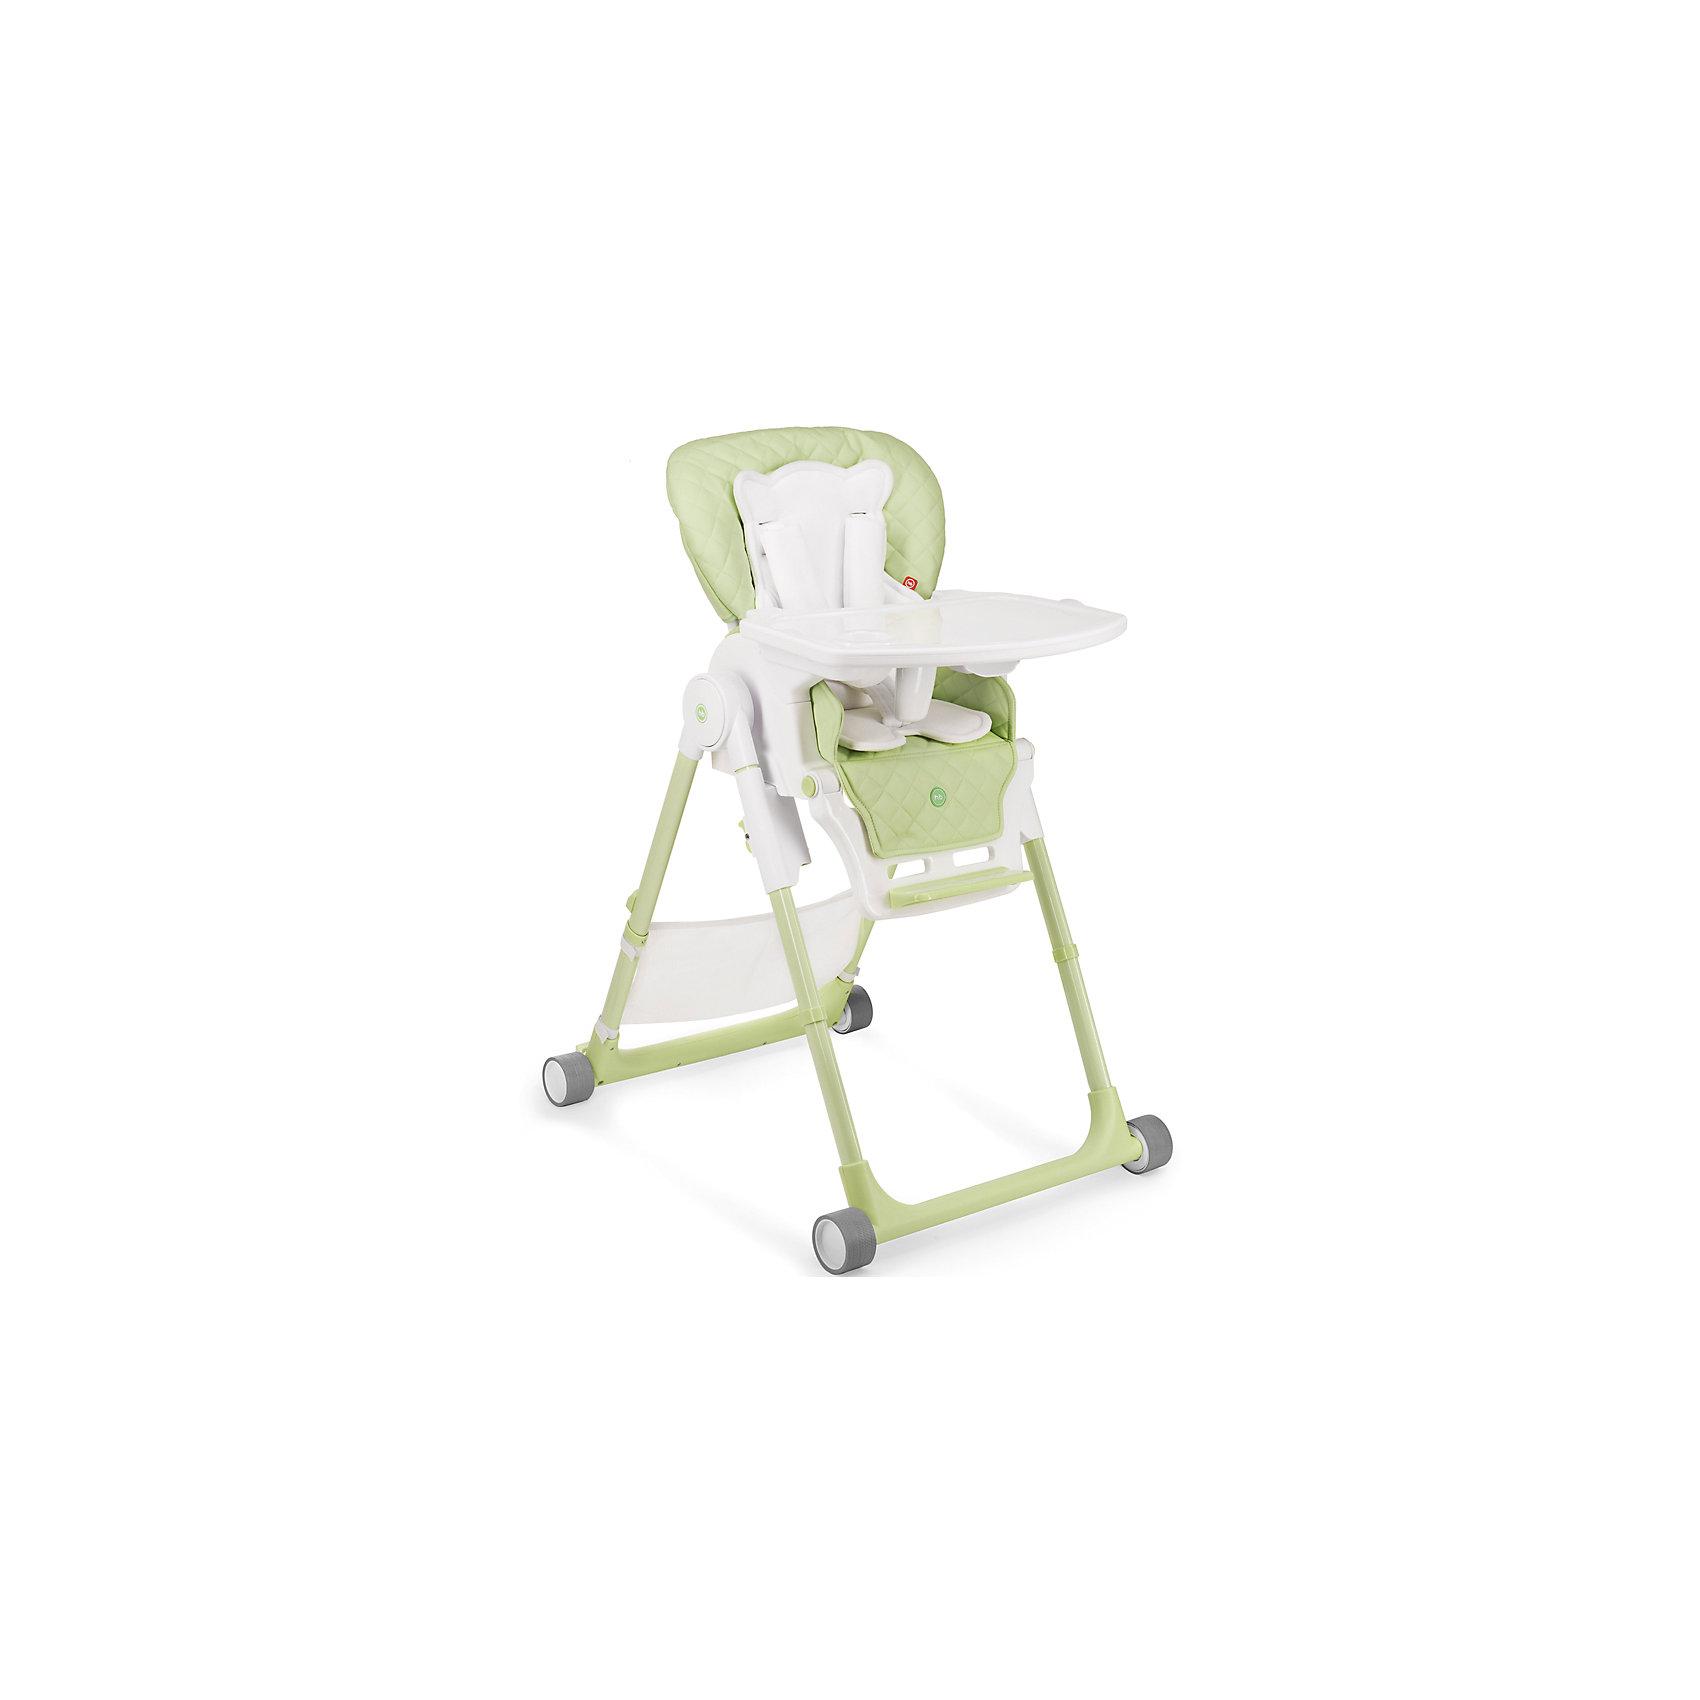 Стульчик для кормления William V2, Happy Baby, зеленыйот +6 месяцев<br>Стульчик для кормления Wiliam V2 - прекрасный вариант для малышей и их родителей! Стульчик имеет удобное мягкое сиденье эргономичной формы с дополнительным матрасиком для малышей. Пятиточечные страховочные ремни обеспечат безопасность даже самым активным малышам. Съемная столешница регулируется в 3-х положениях (по глубине), дополнена съемным подносом с подстаканником. Три положения наклона сиденья обеспечат комфортное кормление, а регулировка по высоте и регулируемая подножка позволяют стульчику расти вместе с ребенком. Стул имеет колеса, облегчающие перемещение по квартире, легко и быстро складывается, в сложенном виде занимает мало места. В комплекте - сетка для игрушек.<br><br>Дополнительная информация:<br><br>- Материал: пластик, металл, экокожа, текстиль. <br>- Размер: 79х60х100 см. <br>- Размер в сложенном виде: 45х60х82 см. <br>- Ширина сиденья: 32 см.<br>- Ширина колесной базы: 54 см.<br>- Вес: 10,8 кг.<br>- Максимальный вес ребенка: 15 кг.<br>- Регулируемое сиденье.<br>- Регулируемая подножка.<br>- Регулировка по высоте.<br>- Съемный чехол. <br>- Съемная столешница (регулируется по глубине в 3 положениях). <br>- 5-титочечные ремни безопасности. <br>- 4 колеса. <br>- Мягкий вкладыш для малышей. <br>- Сетка для игрушек в комплекте. <br><br>Стульчик для кормления Wiliam V2, Happy Baby (Хеппи Беби), зеленый, можно купить в нашем магазине.<br><br>Ширина мм: 450<br>Глубина мм: 345<br>Высота мм: 740<br>Вес г: 11400<br>Возраст от месяцев: 6<br>Возраст до месяцев: 36<br>Пол: Унисекс<br>Возраст: Детский<br>SKU: 4978410